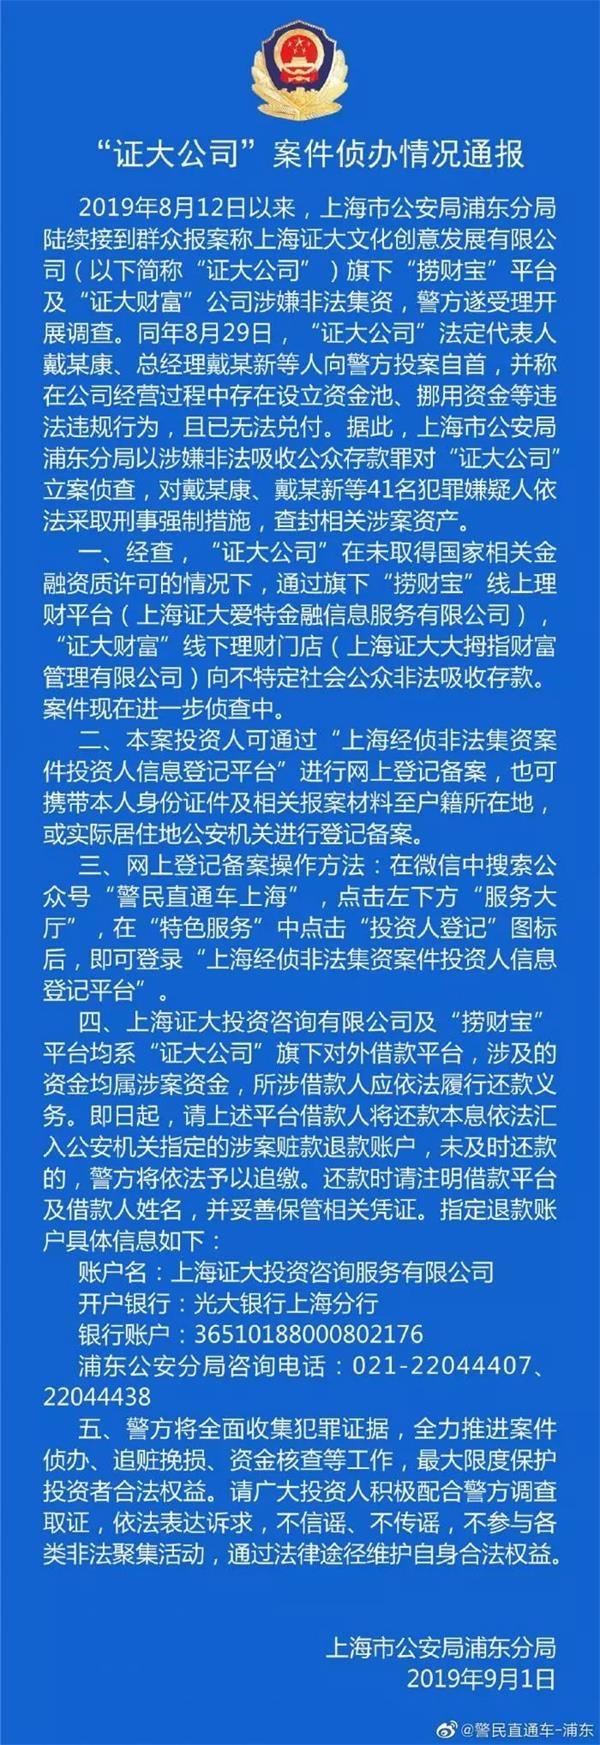 唏嘘!证大系崩盘 涉嫌非法吸储!上海滩大佬戴志康向警方自首 百亿资金待偿波及2.8万人